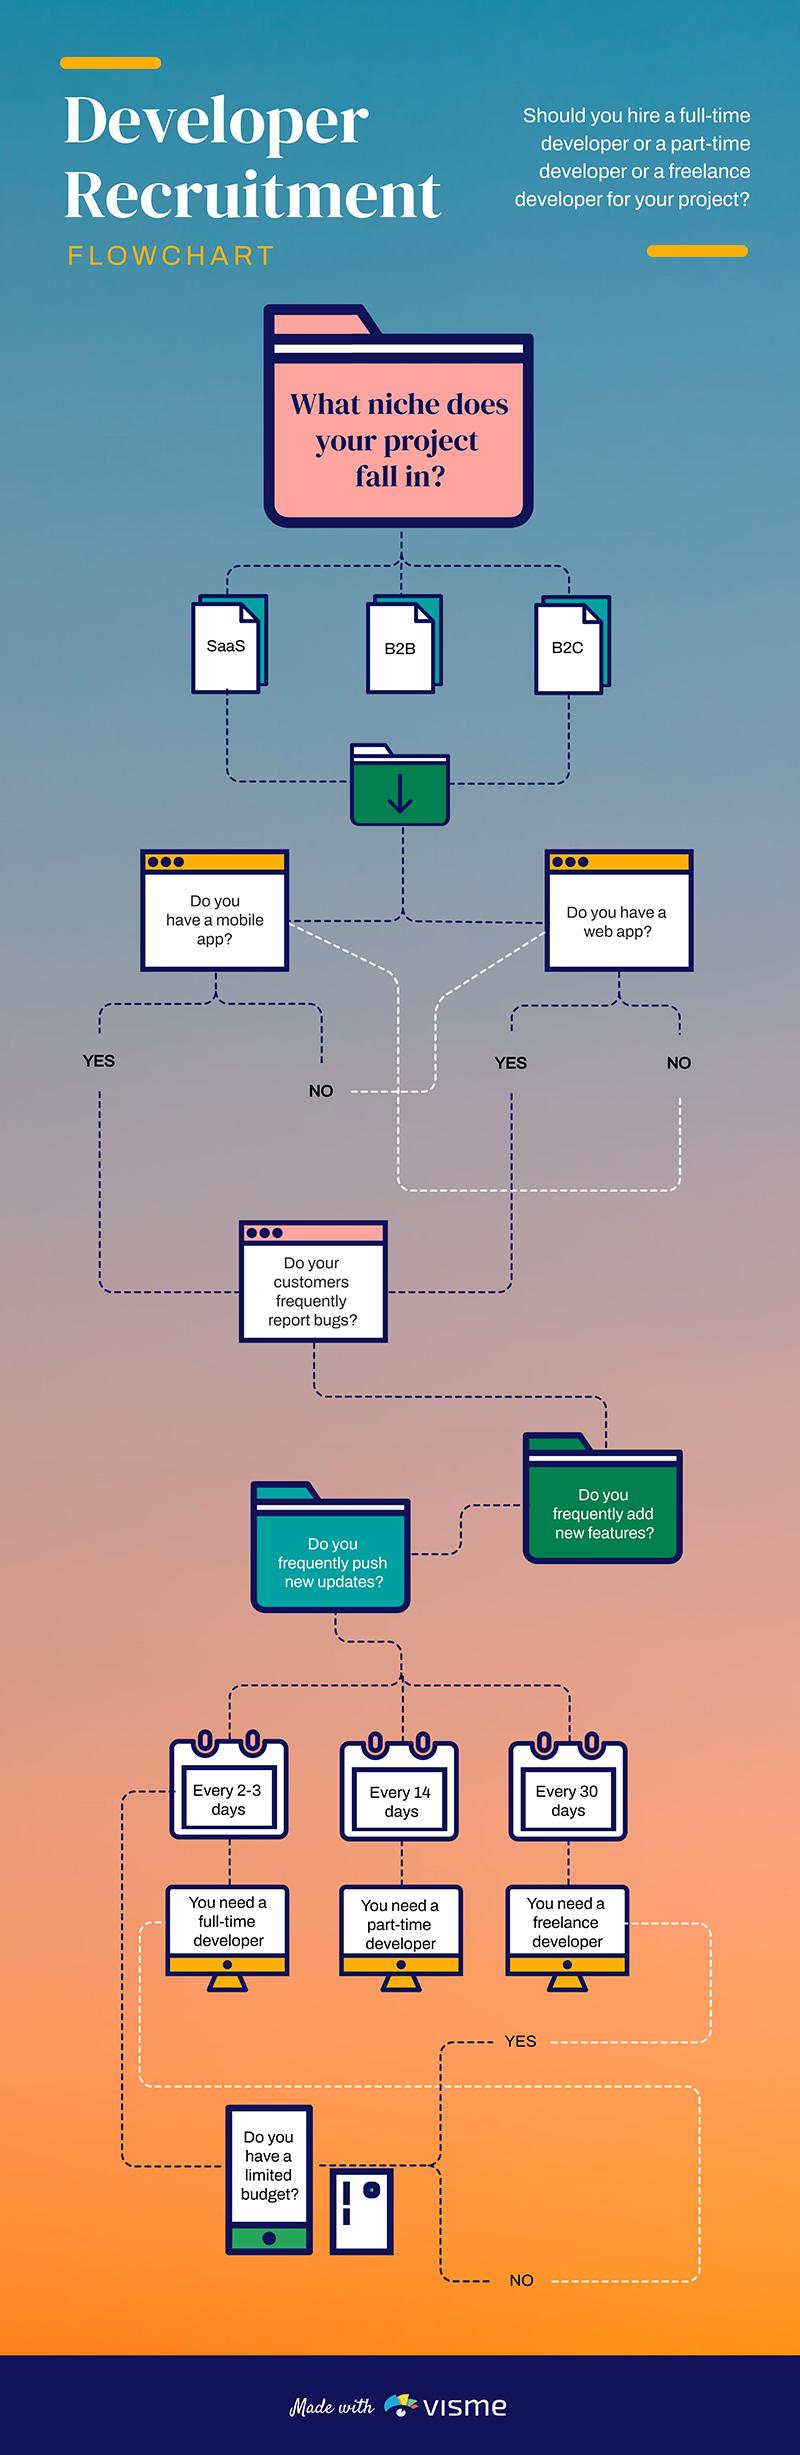 Developer Recruitment Flowchart Template